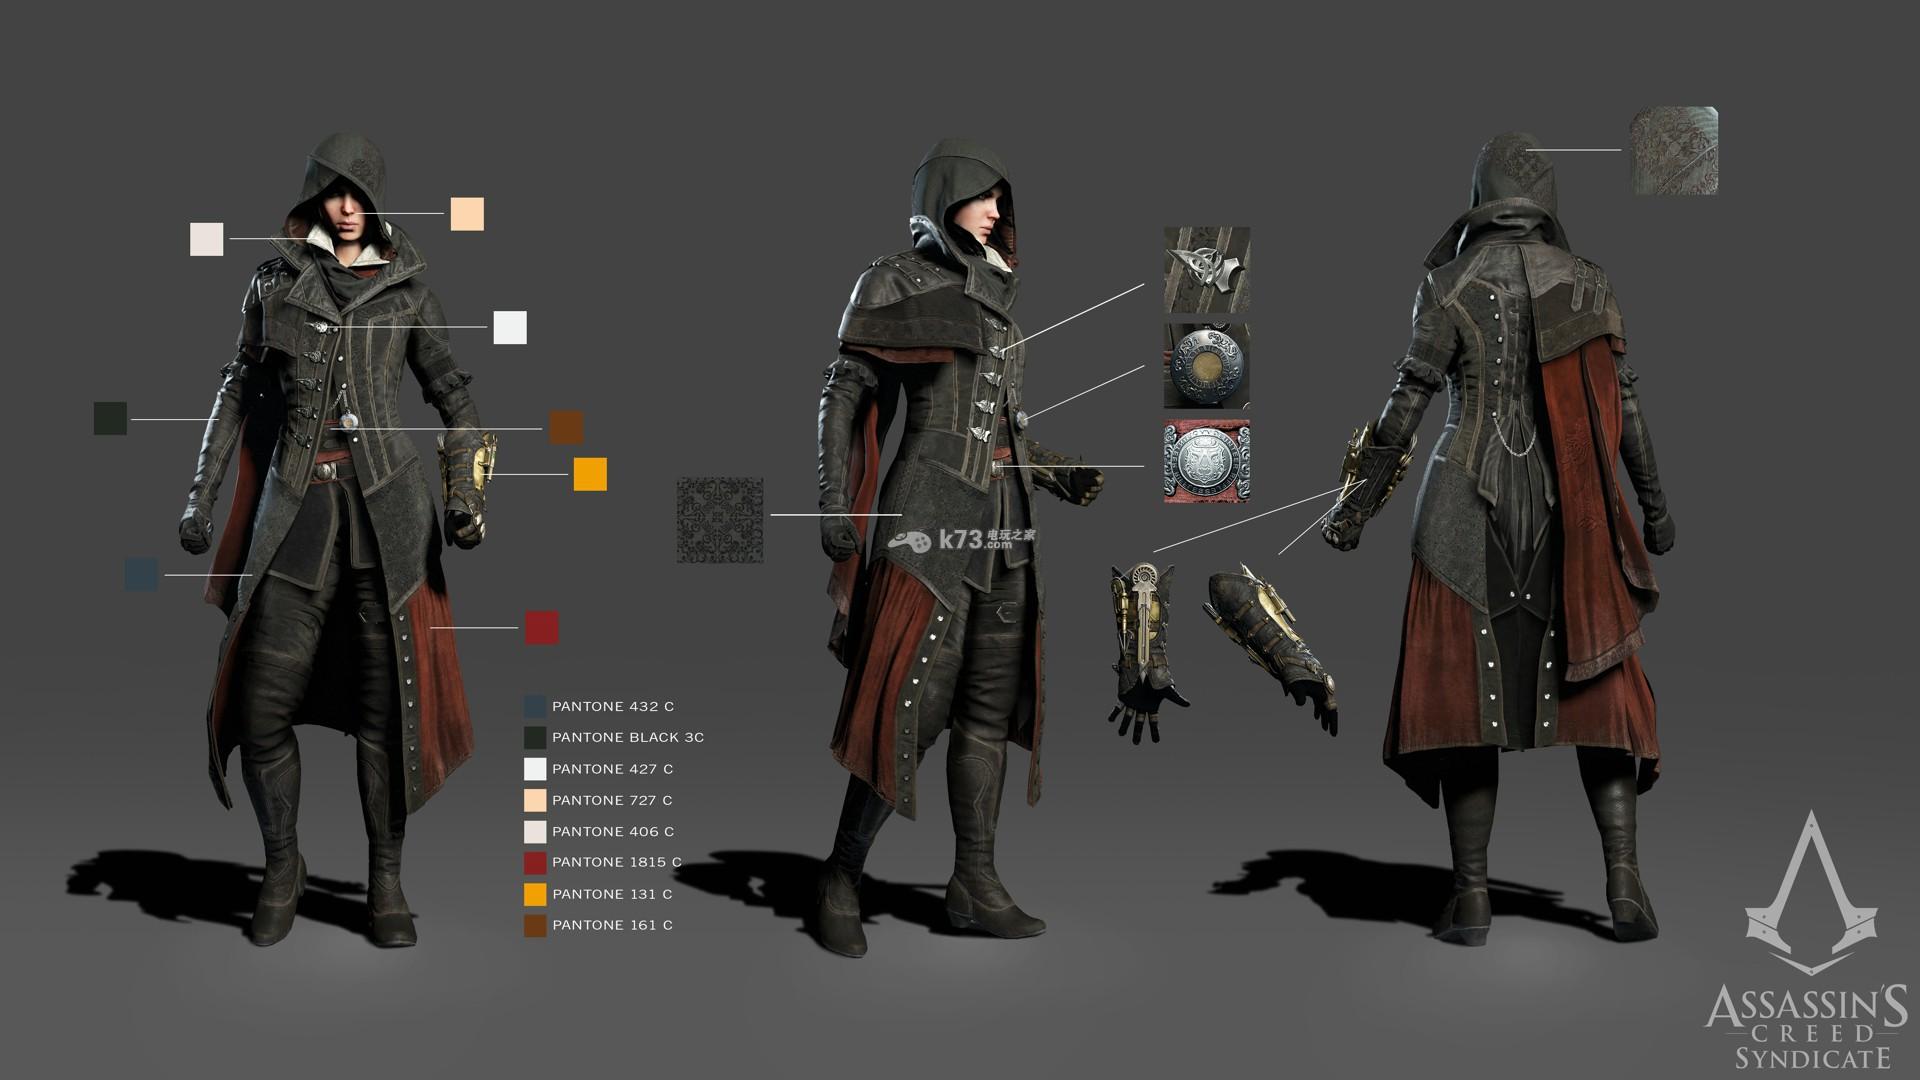 刺客信条枭雄 角色服装细节图公开 为了方便玩家Cosplay